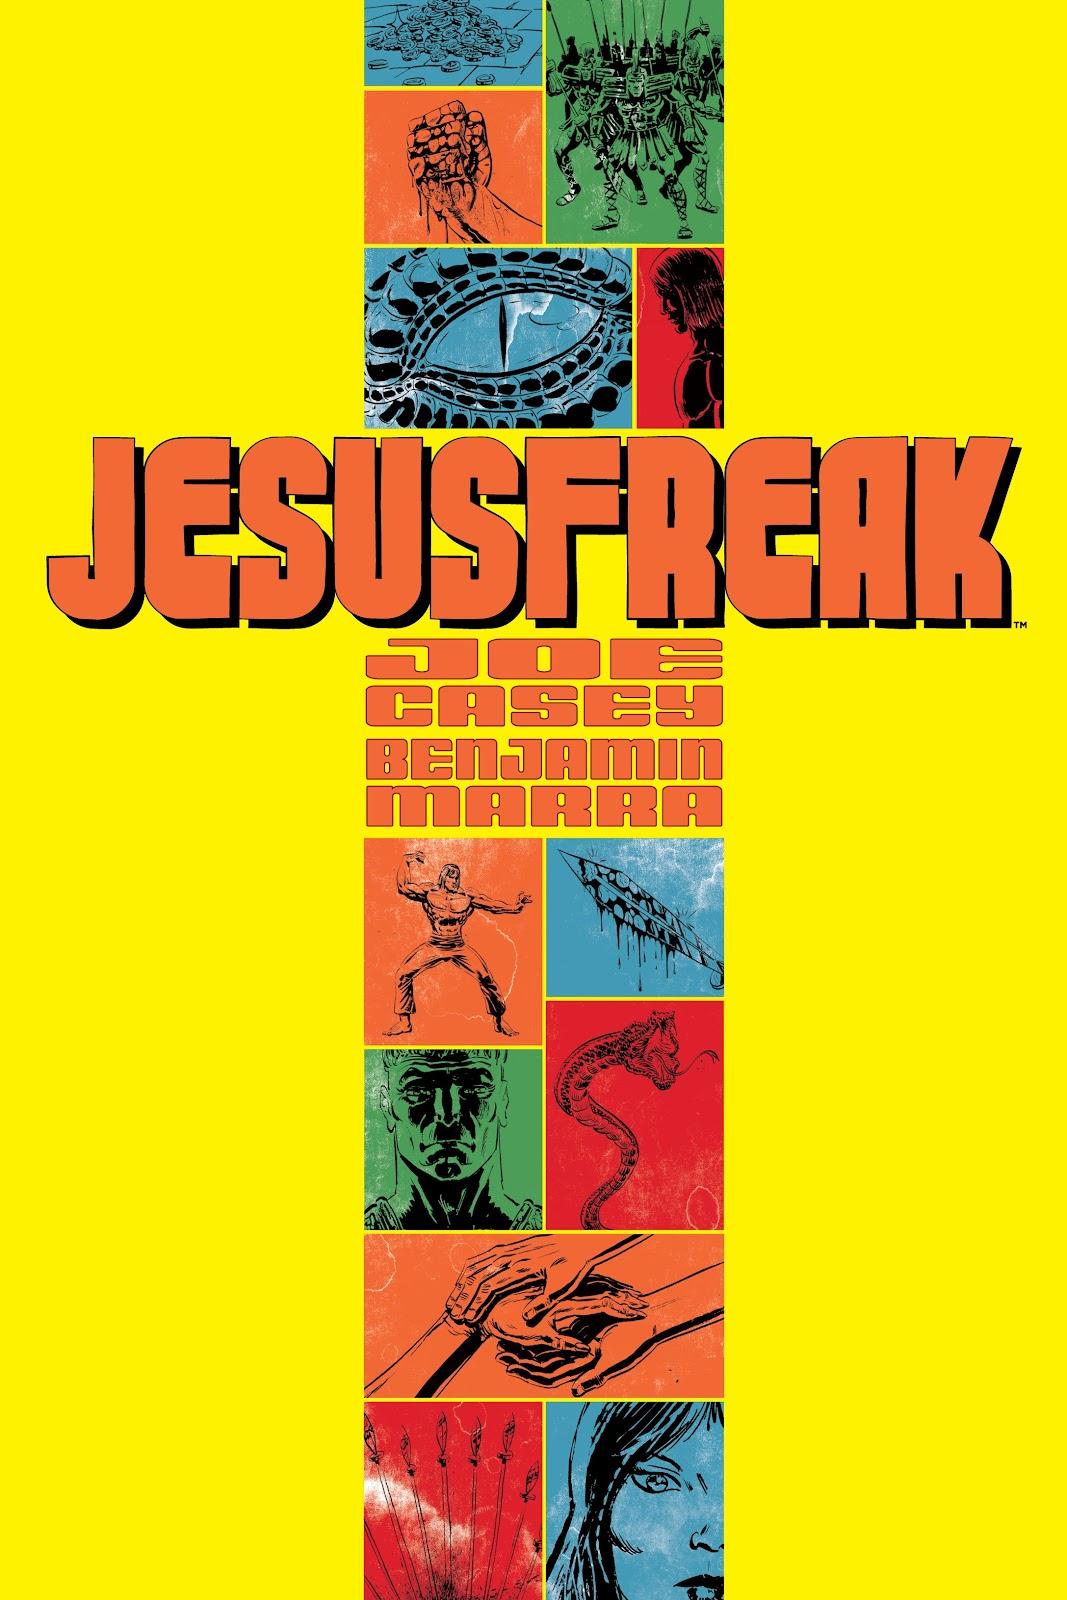 Read online Jesusfreak comic -  Issue # Full - 1